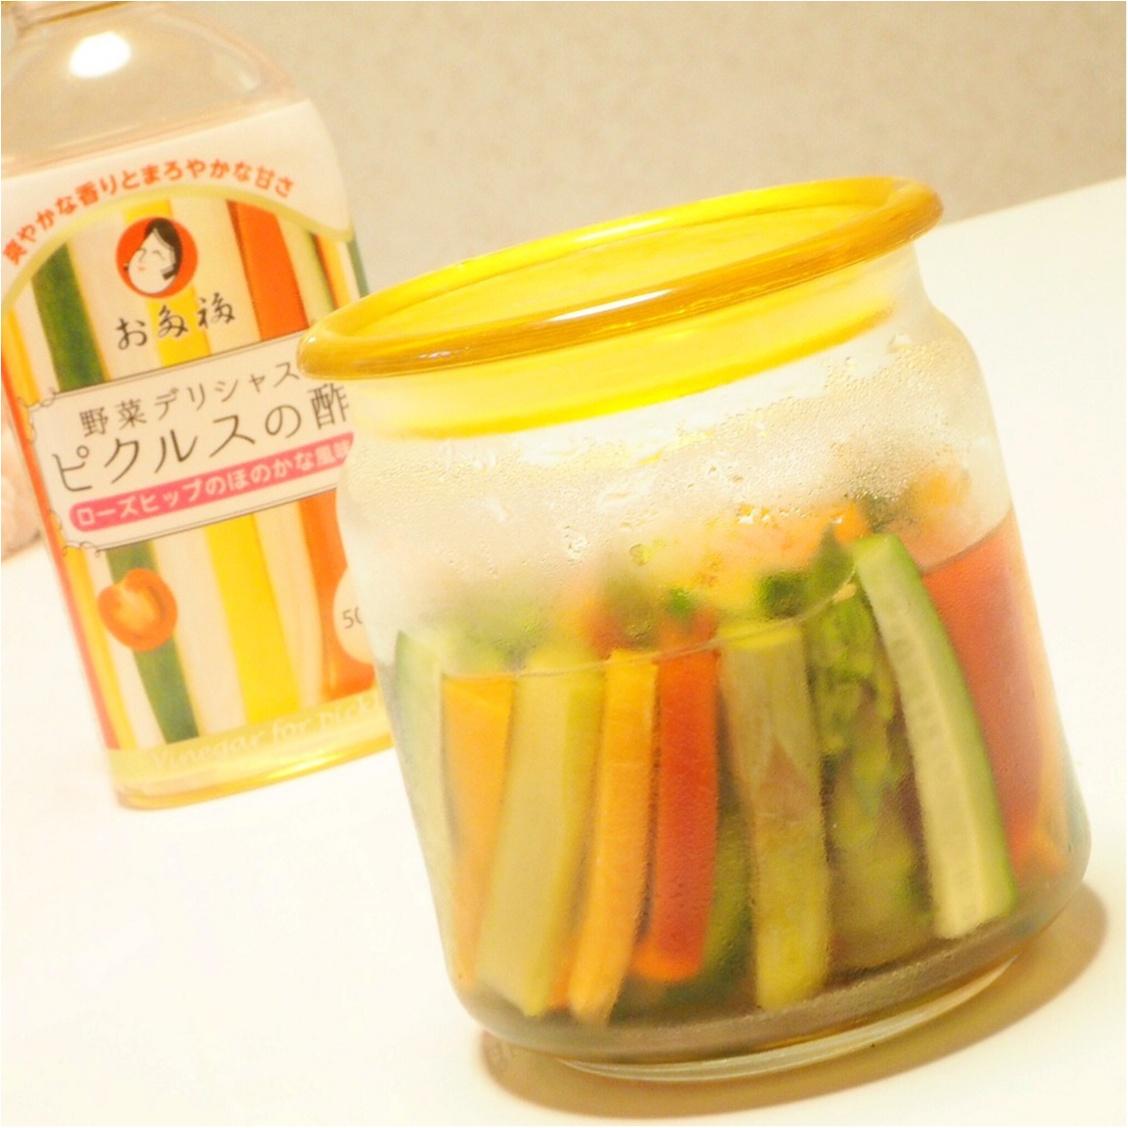 料理初心者でも超簡単★色とりどりの野菜を使ってピクルスを作ろう!_3